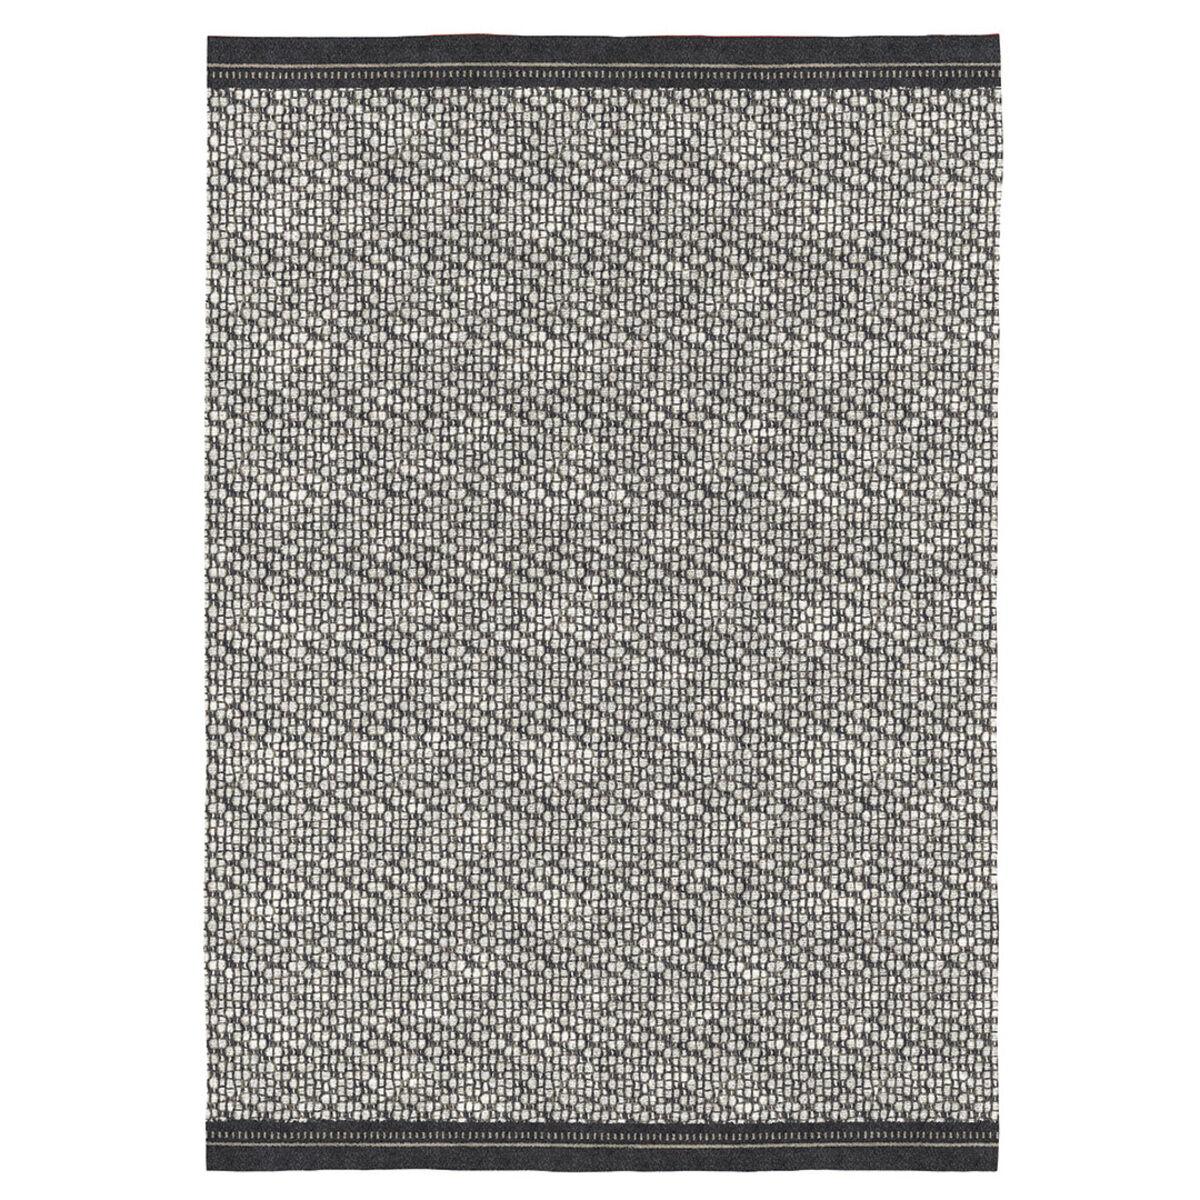 Rugs&Rugs Tapis décoratif en coton en impression numérique 200x290